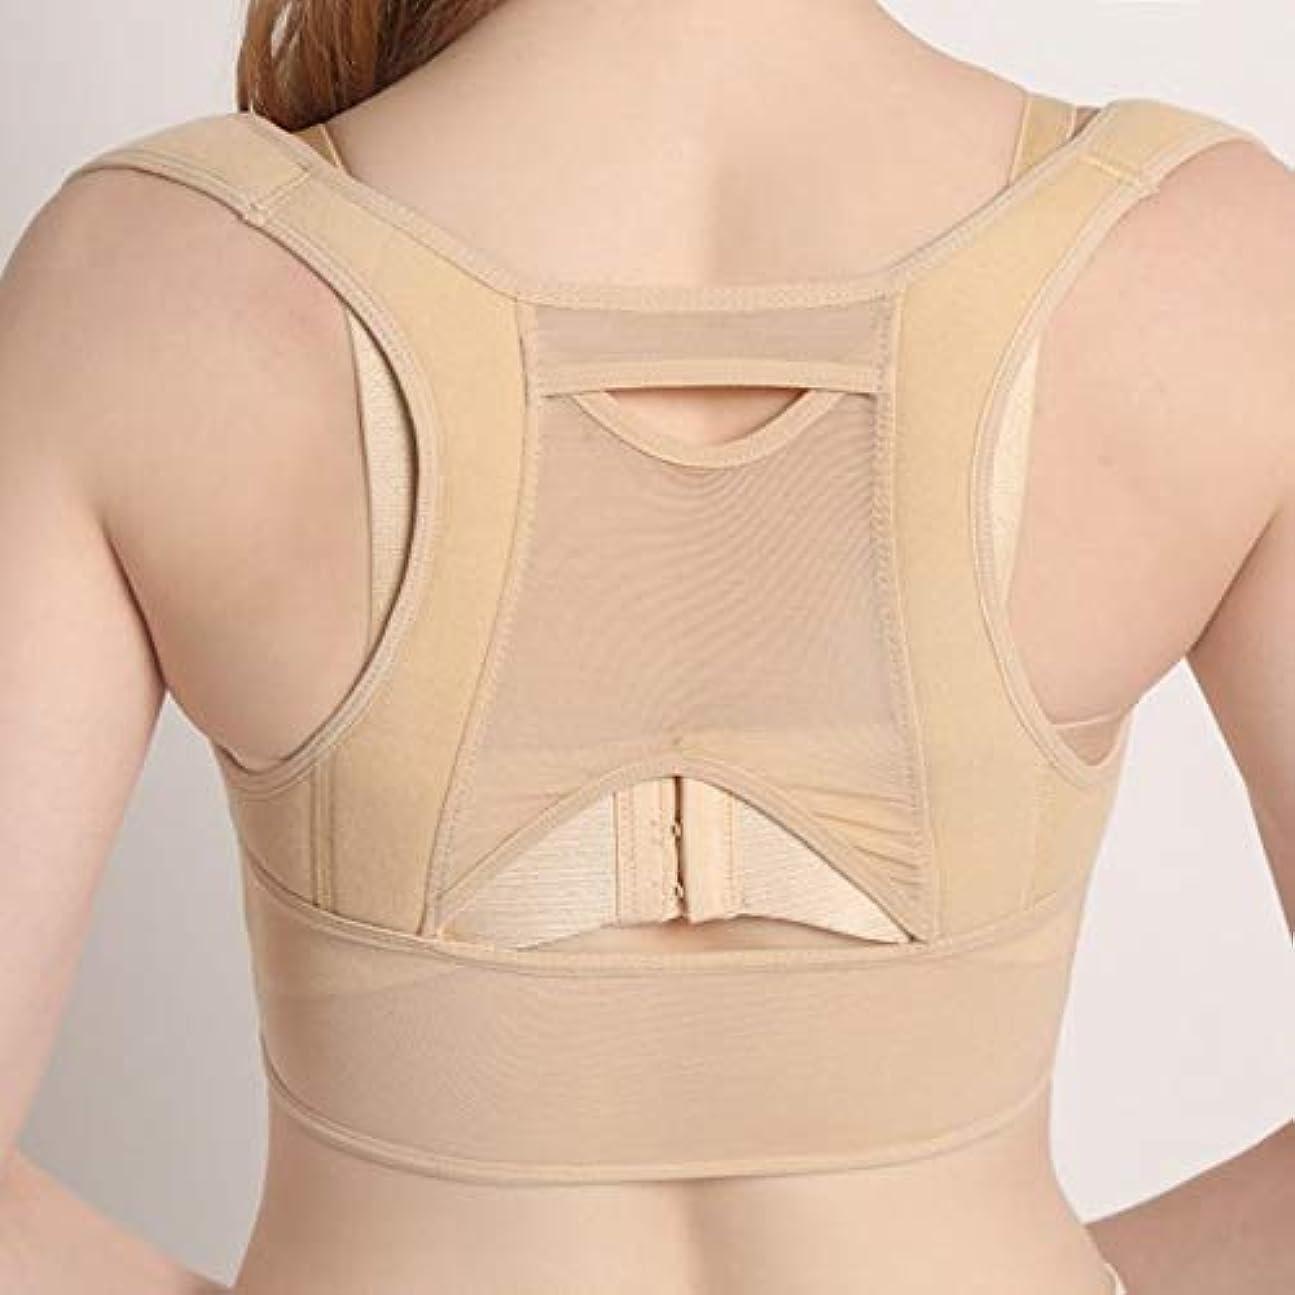 不要サイトラインほぼ通気性のある女性の背中の姿勢矯正コルセット整形外科の肩の背骨の姿勢矯正腰椎サポート - ベージュホワイトM